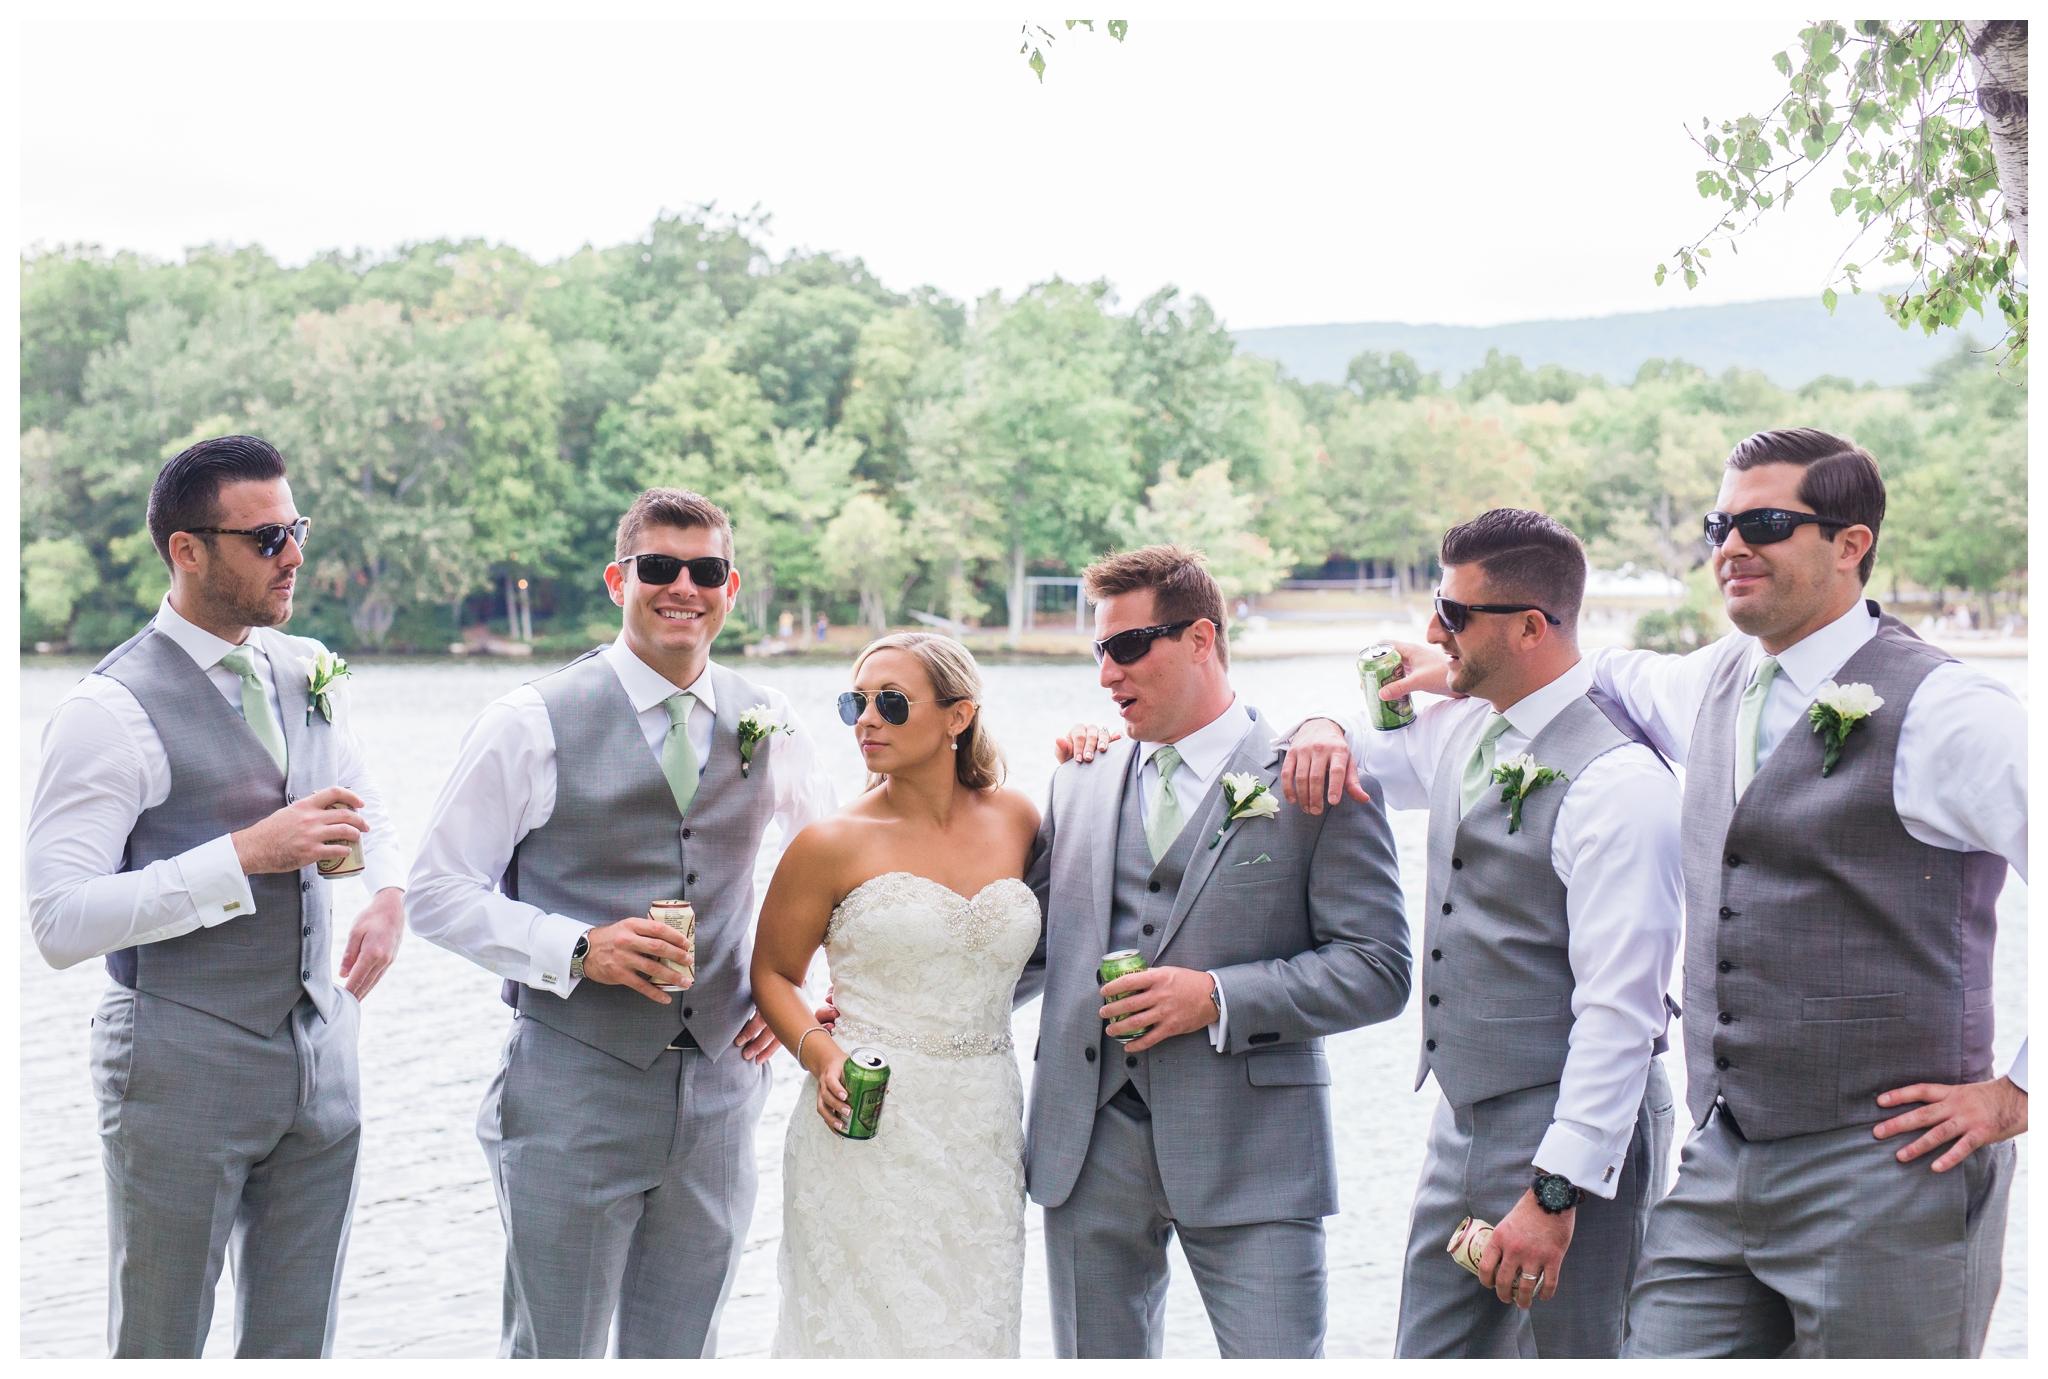 lodge-at-mountain-springs-lake-wedding_0020.jpg